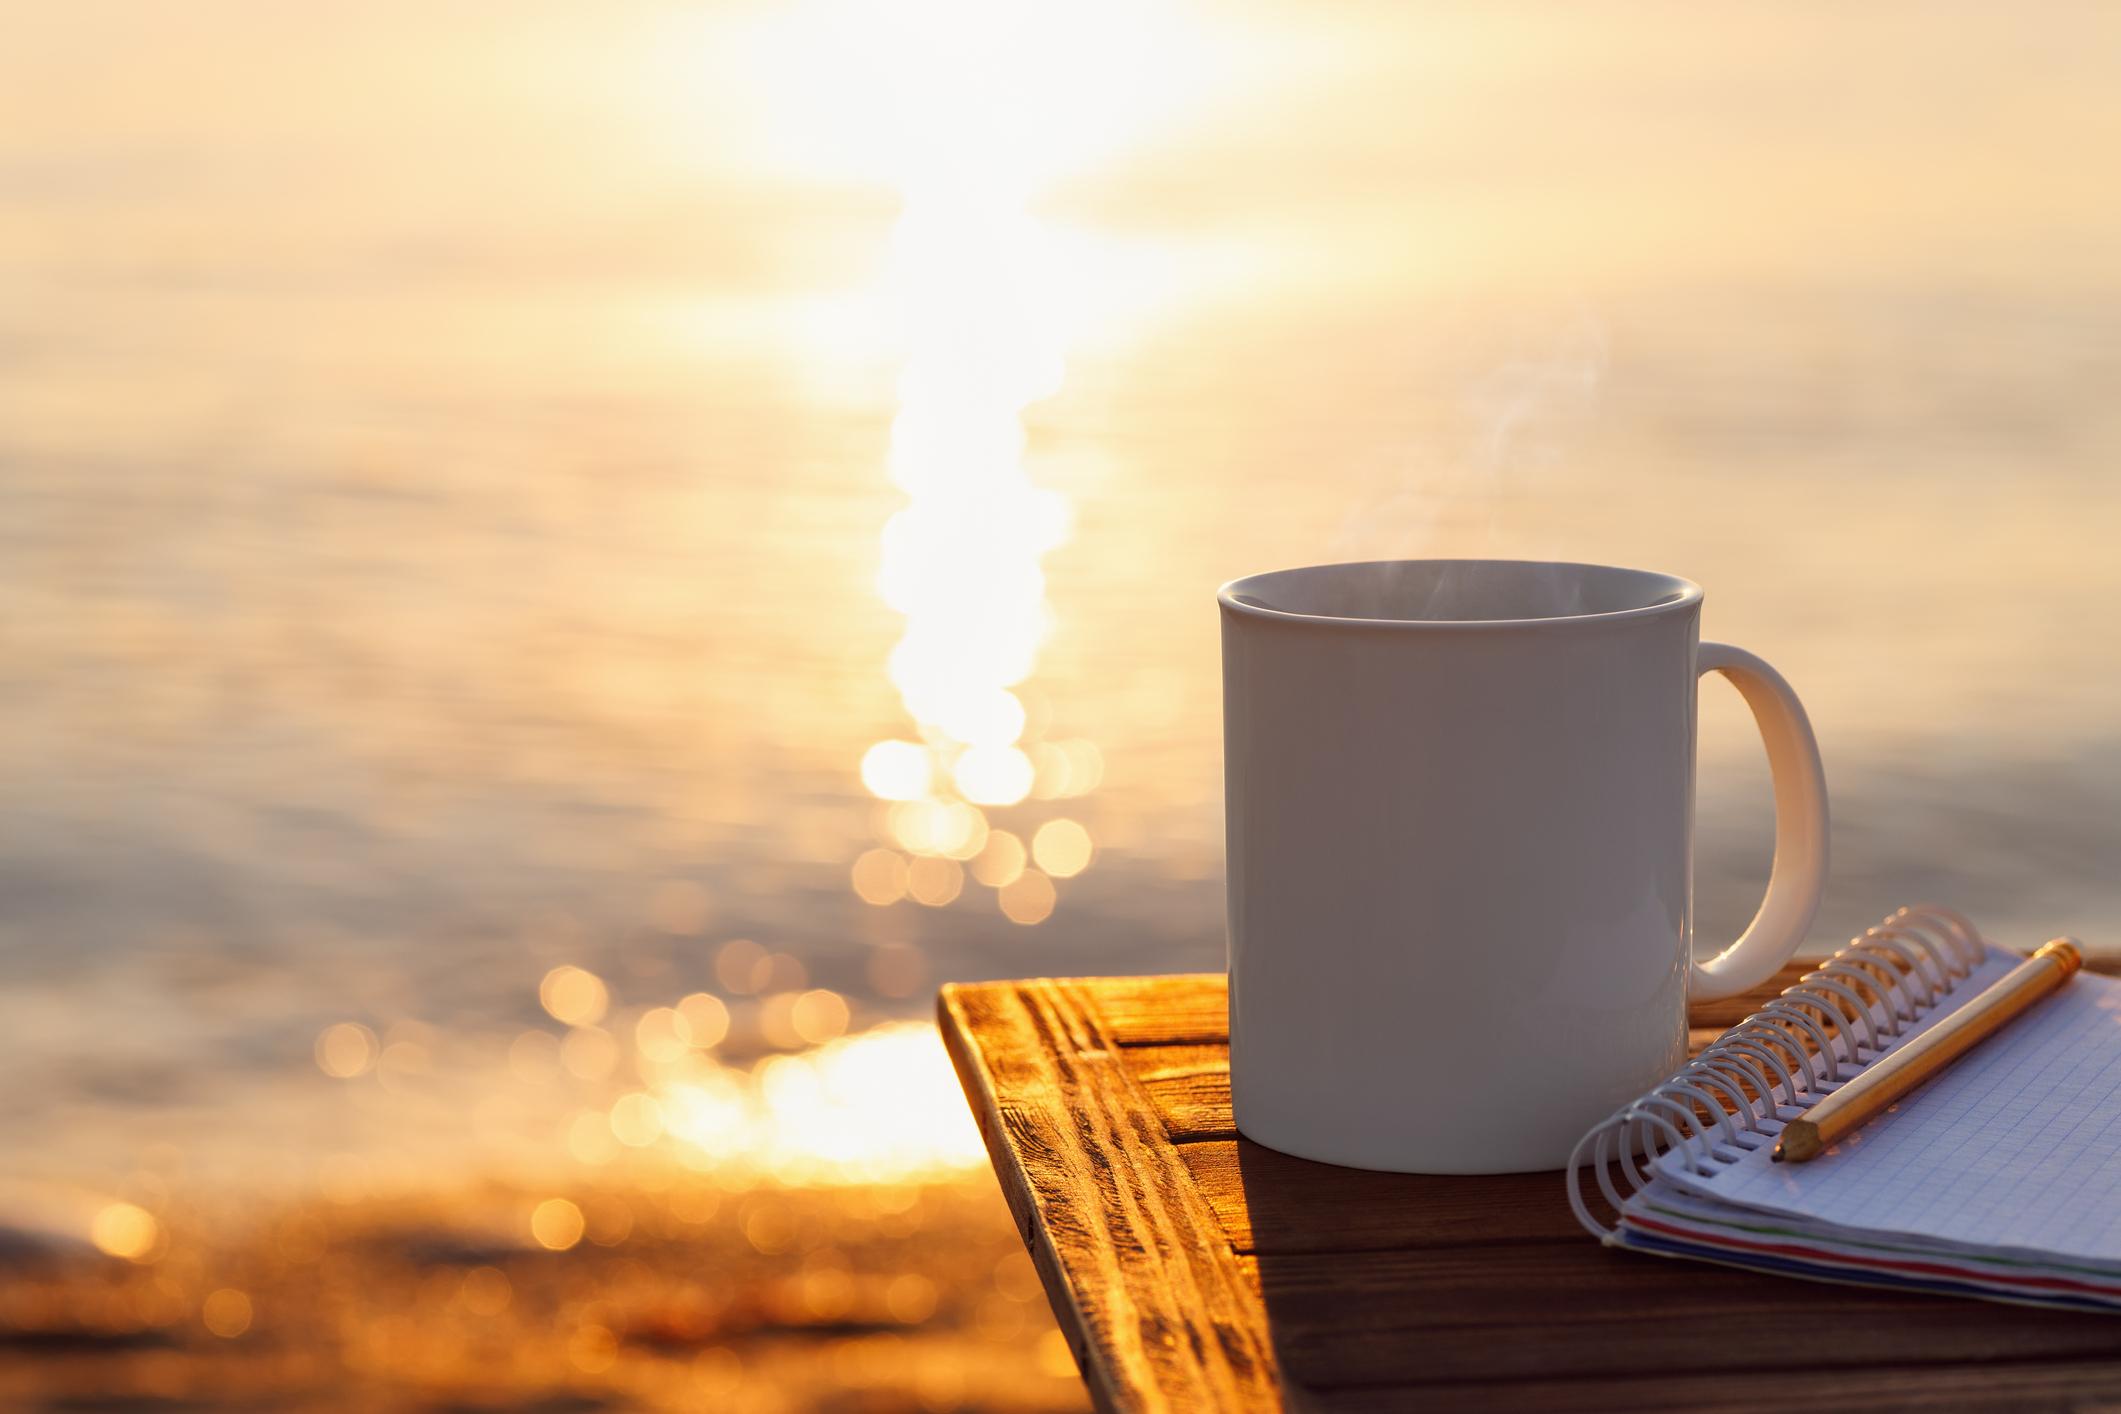 Mug of coffee and journal on table